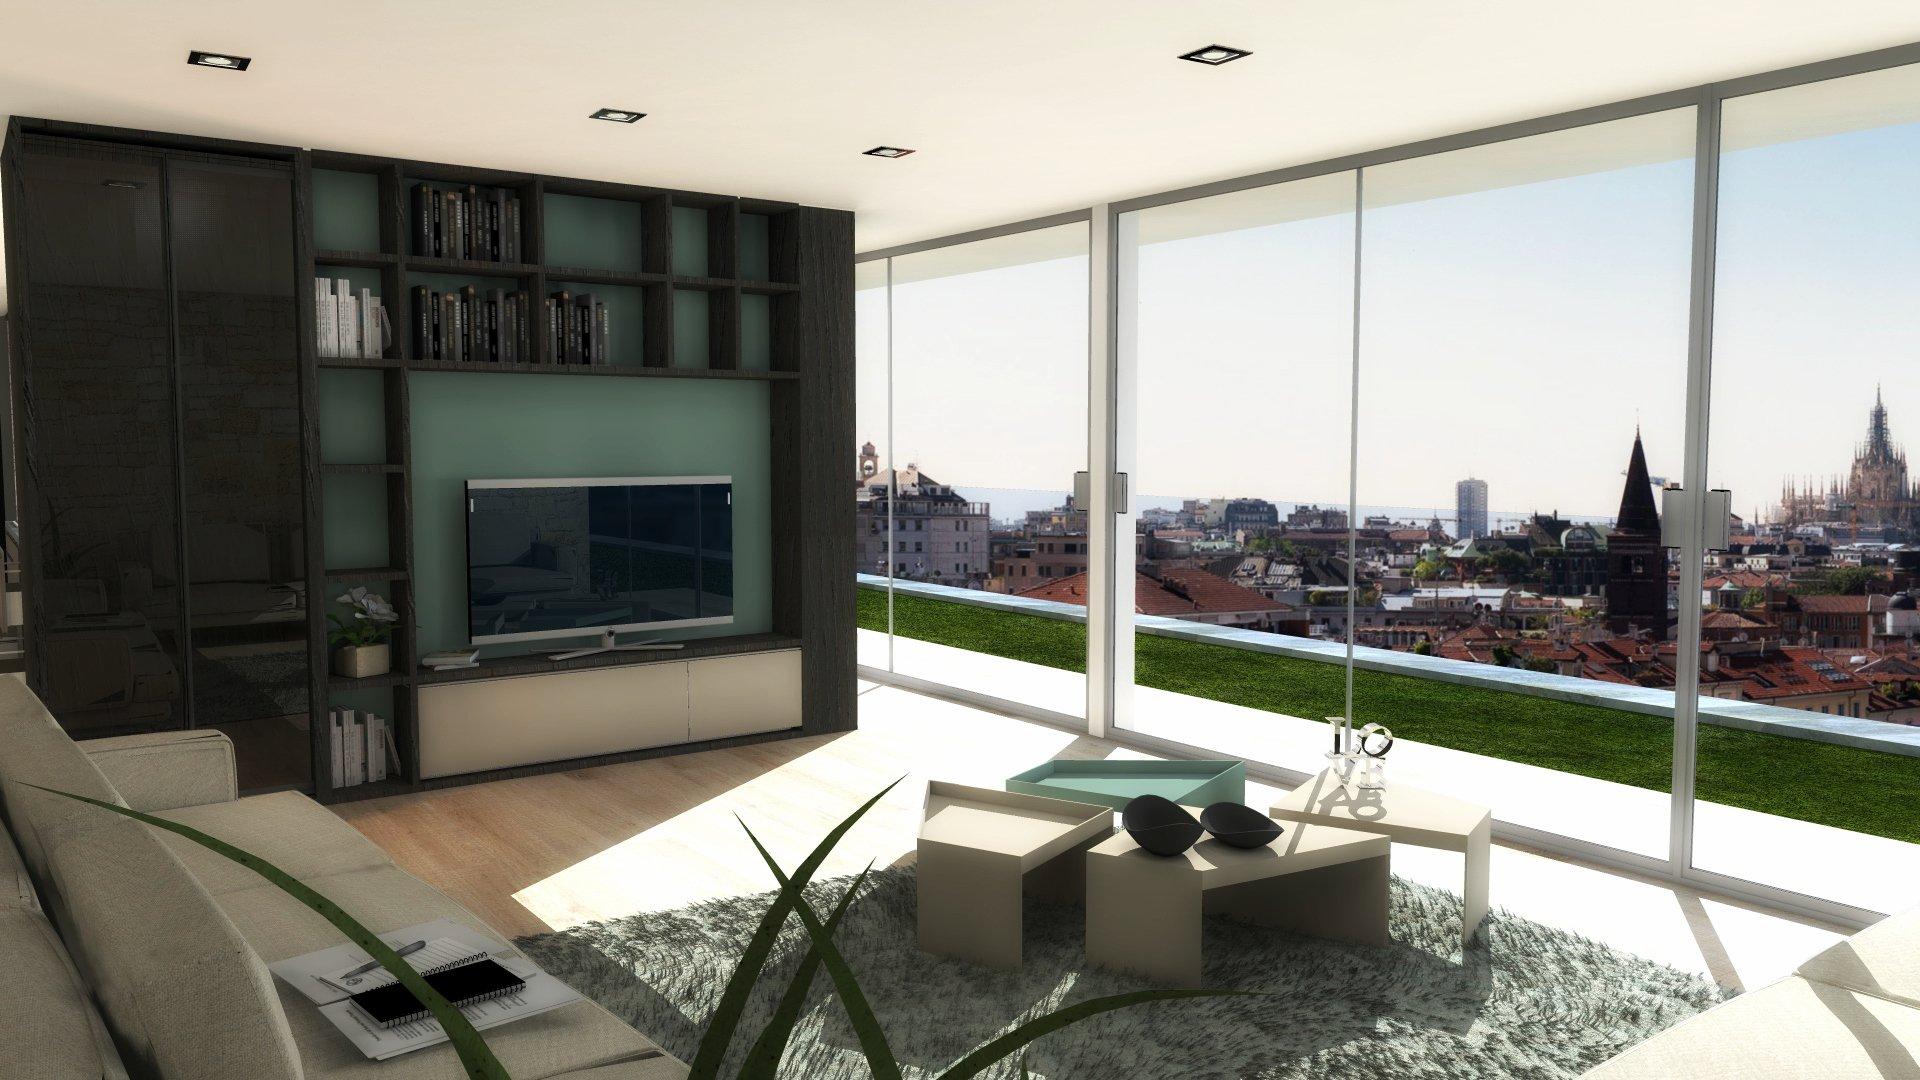 Dividere soggiorno e cucina senza pareti un progetto in 3d for Lo space senza pareti